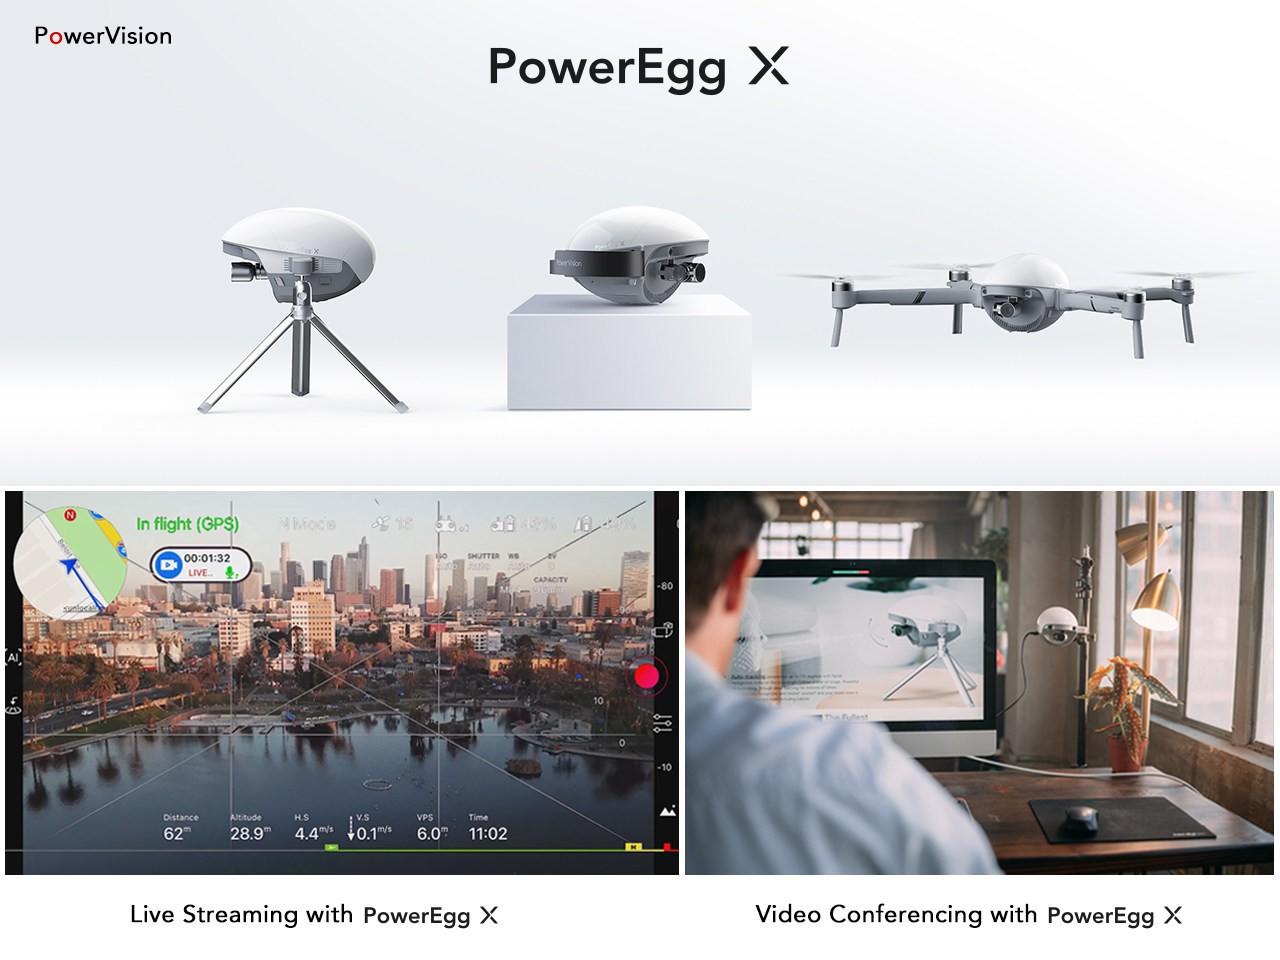 PowerVision выпустила обновление для своего дрона PowerEgg X